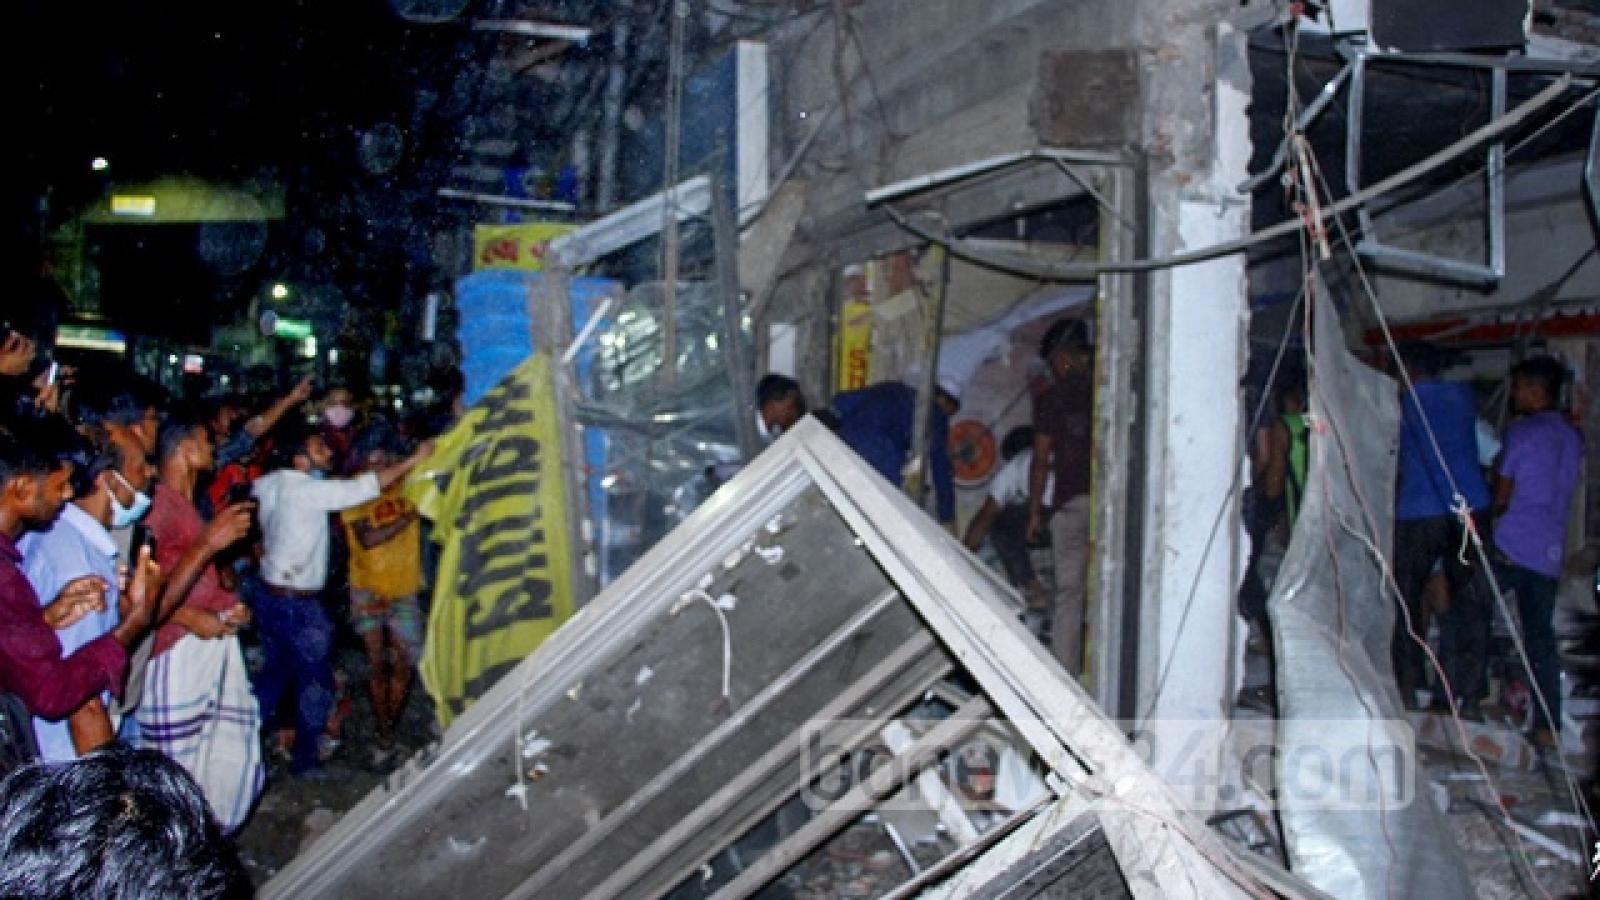 Sập nhà tại Bangladesh: Ít nhất 7 người thiệt mạng, hàng chục người bị thương